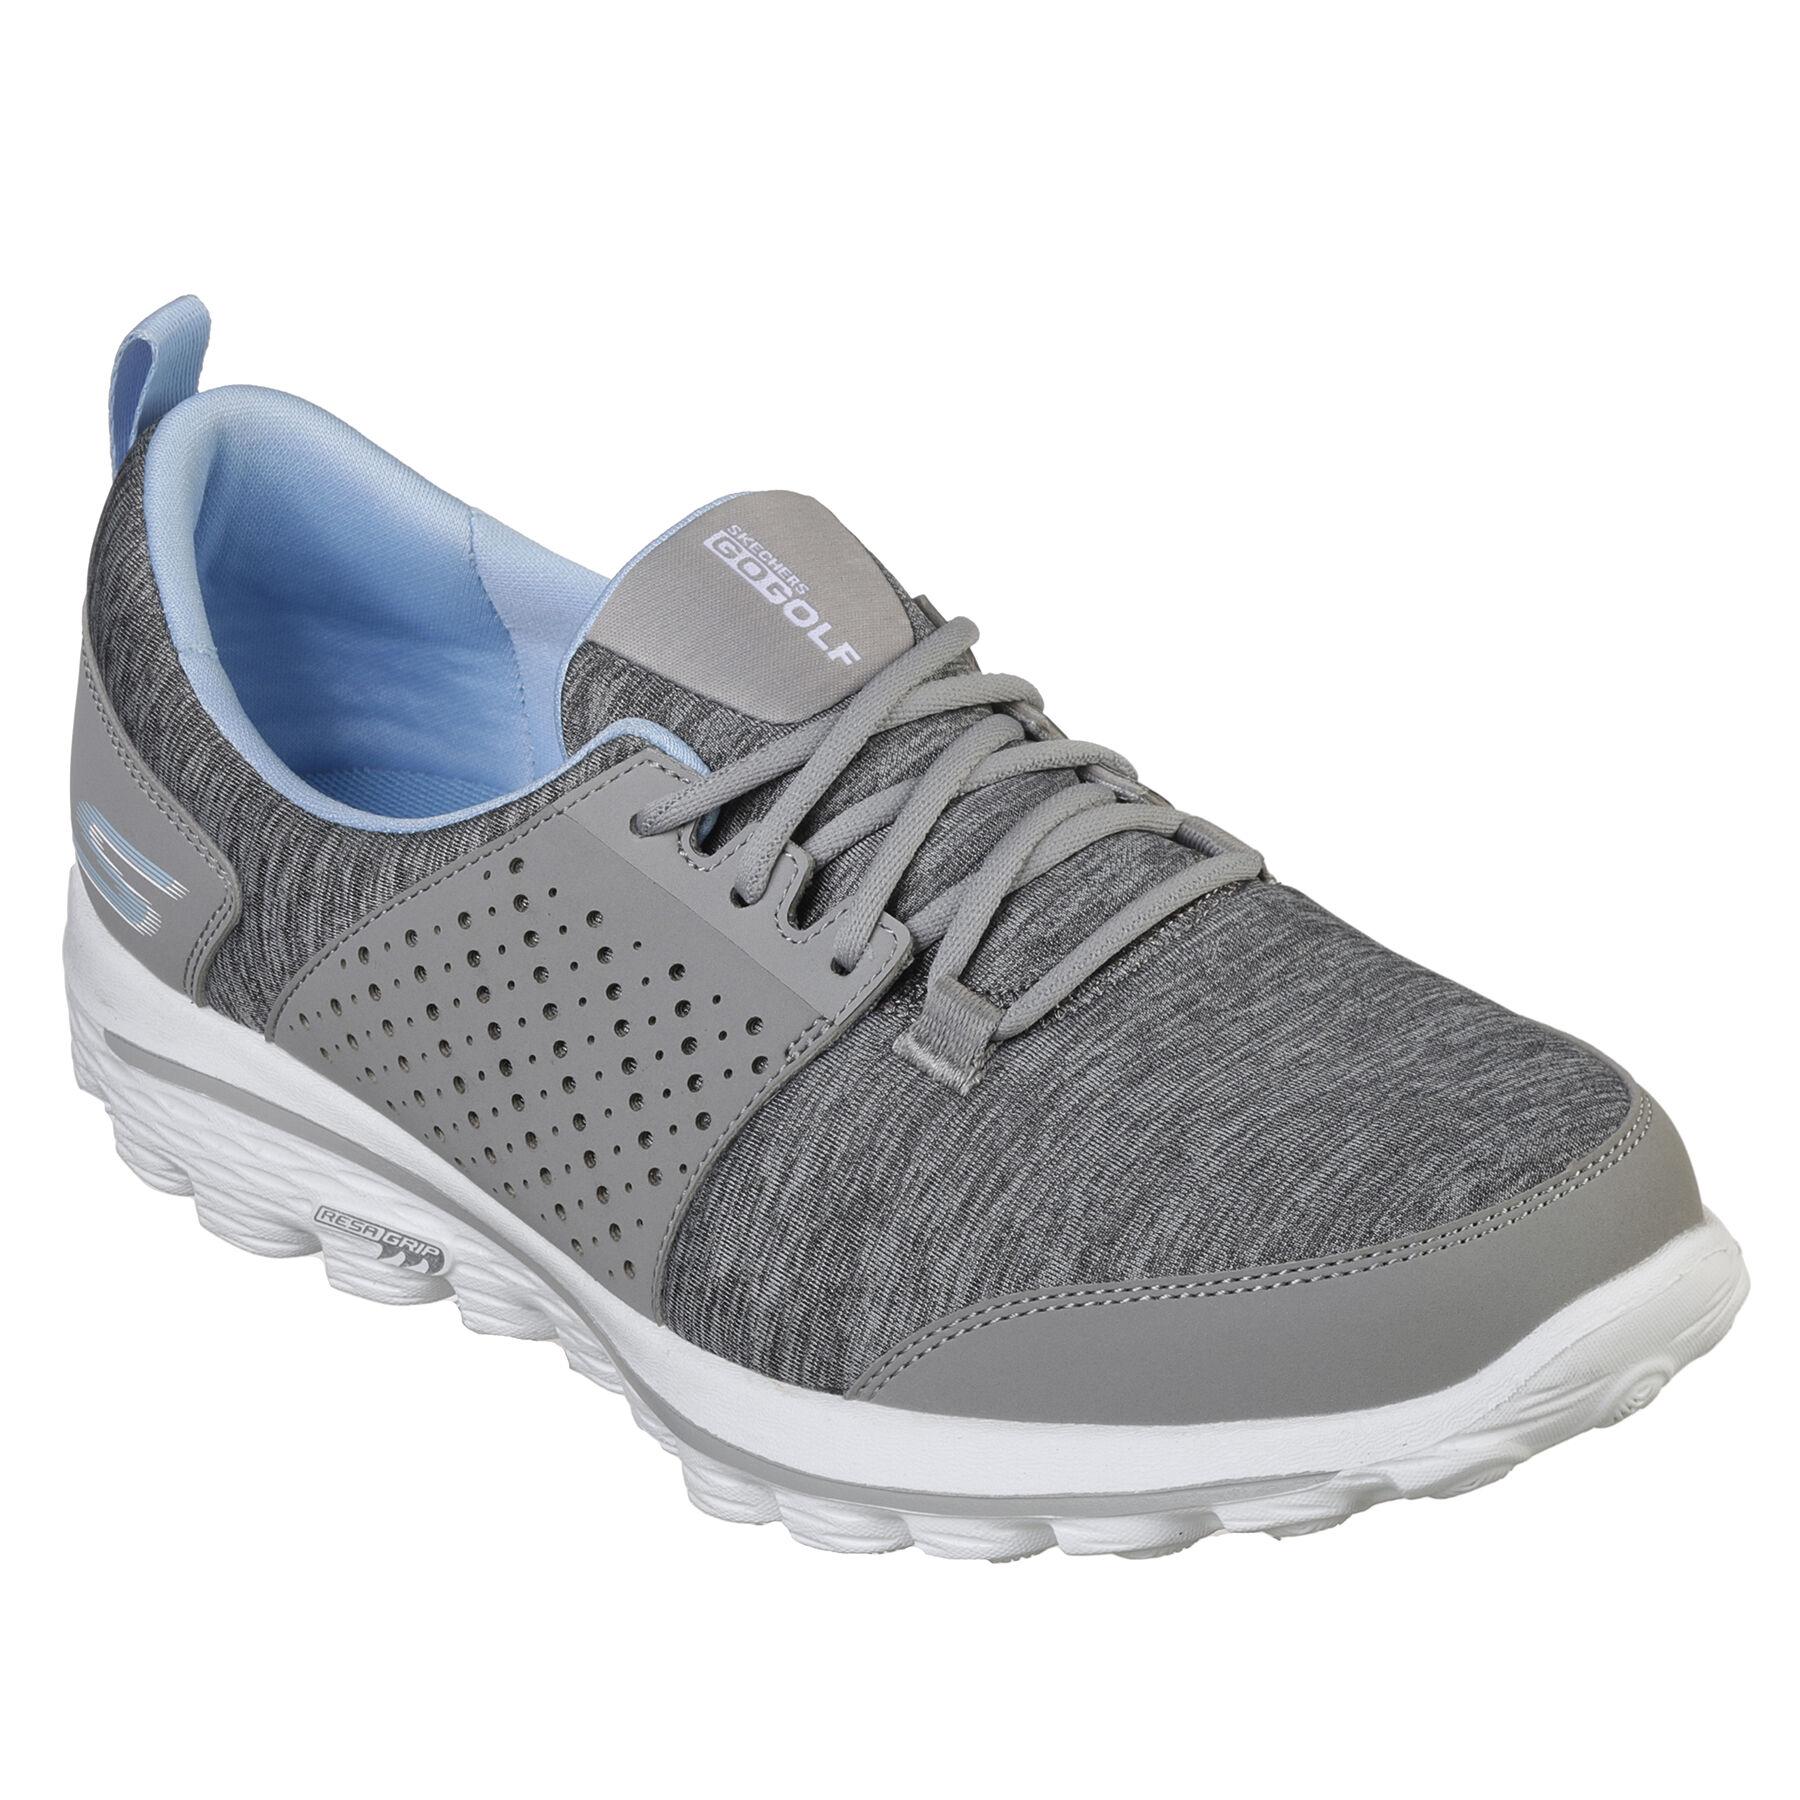 skechers womens golf shoes wide width